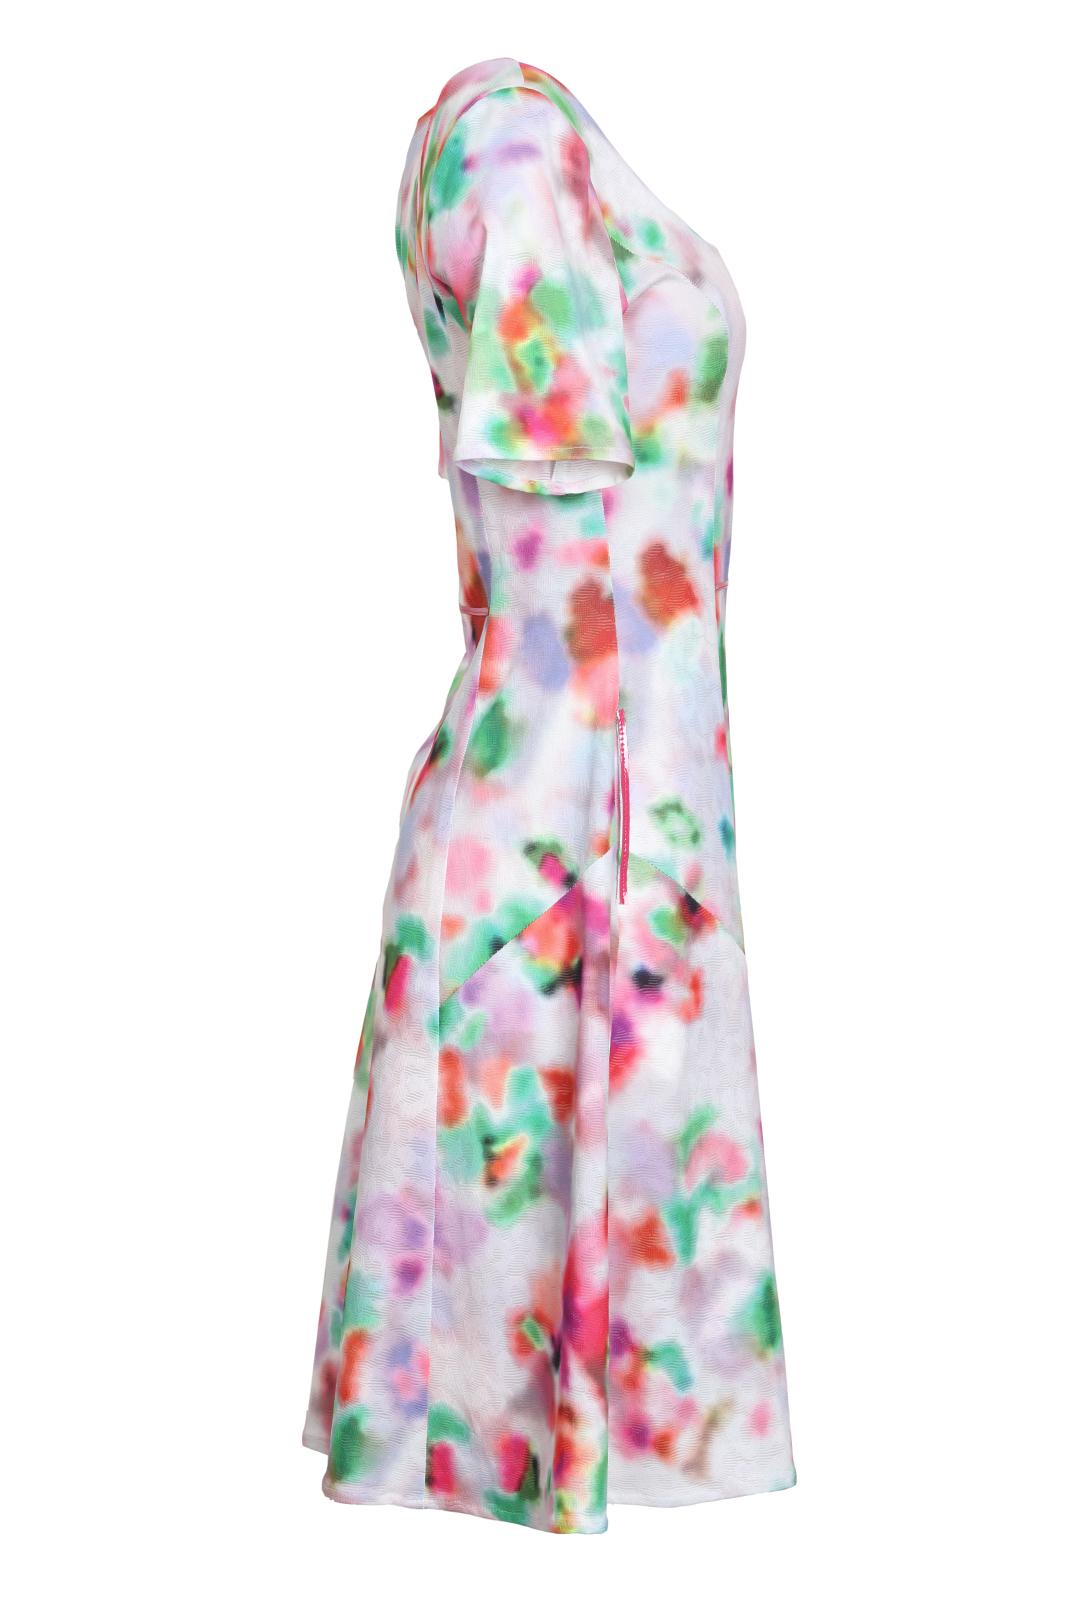 Dress calypso